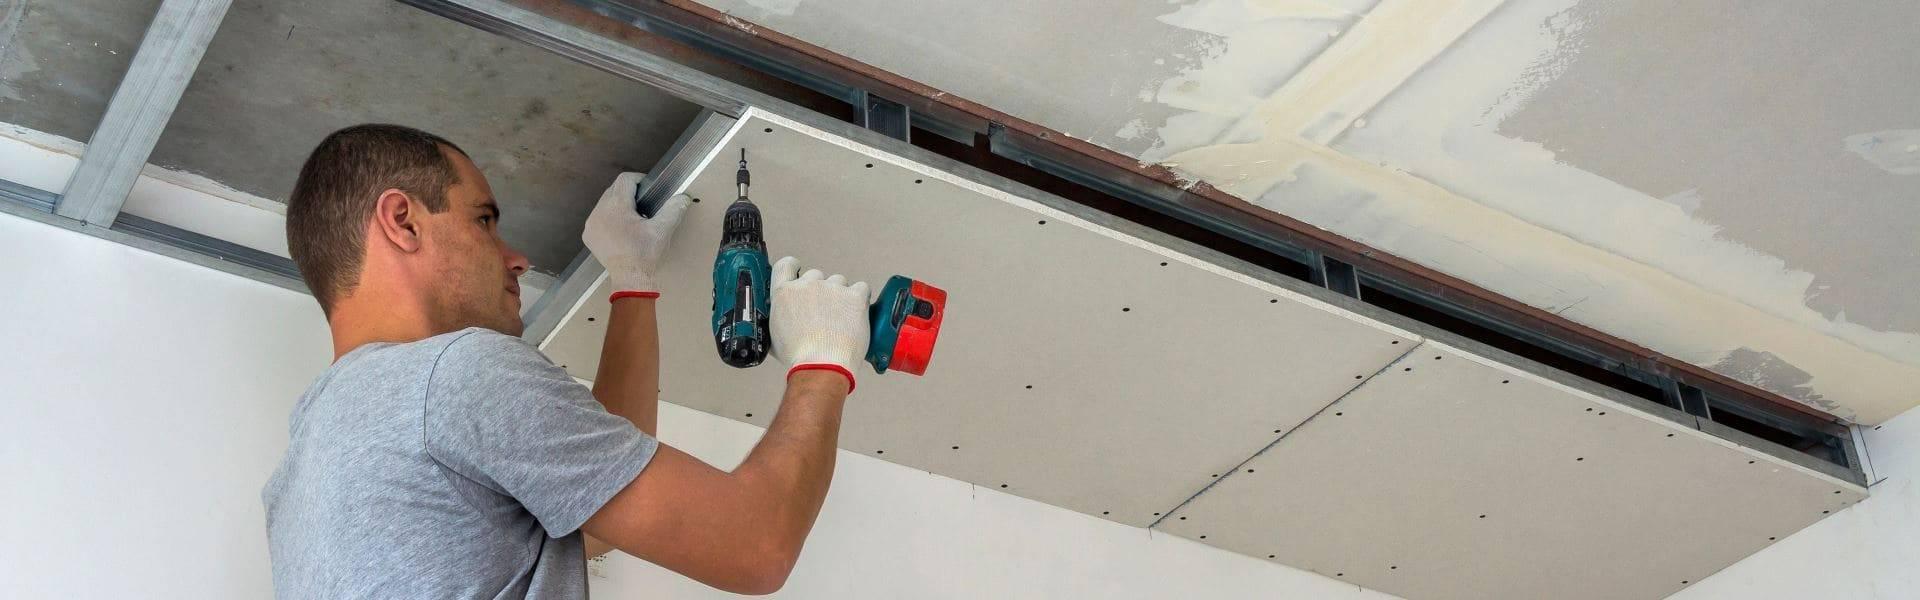 Потолок в ванной из гипсокартона: плюсы и минусы, примеры дизайна